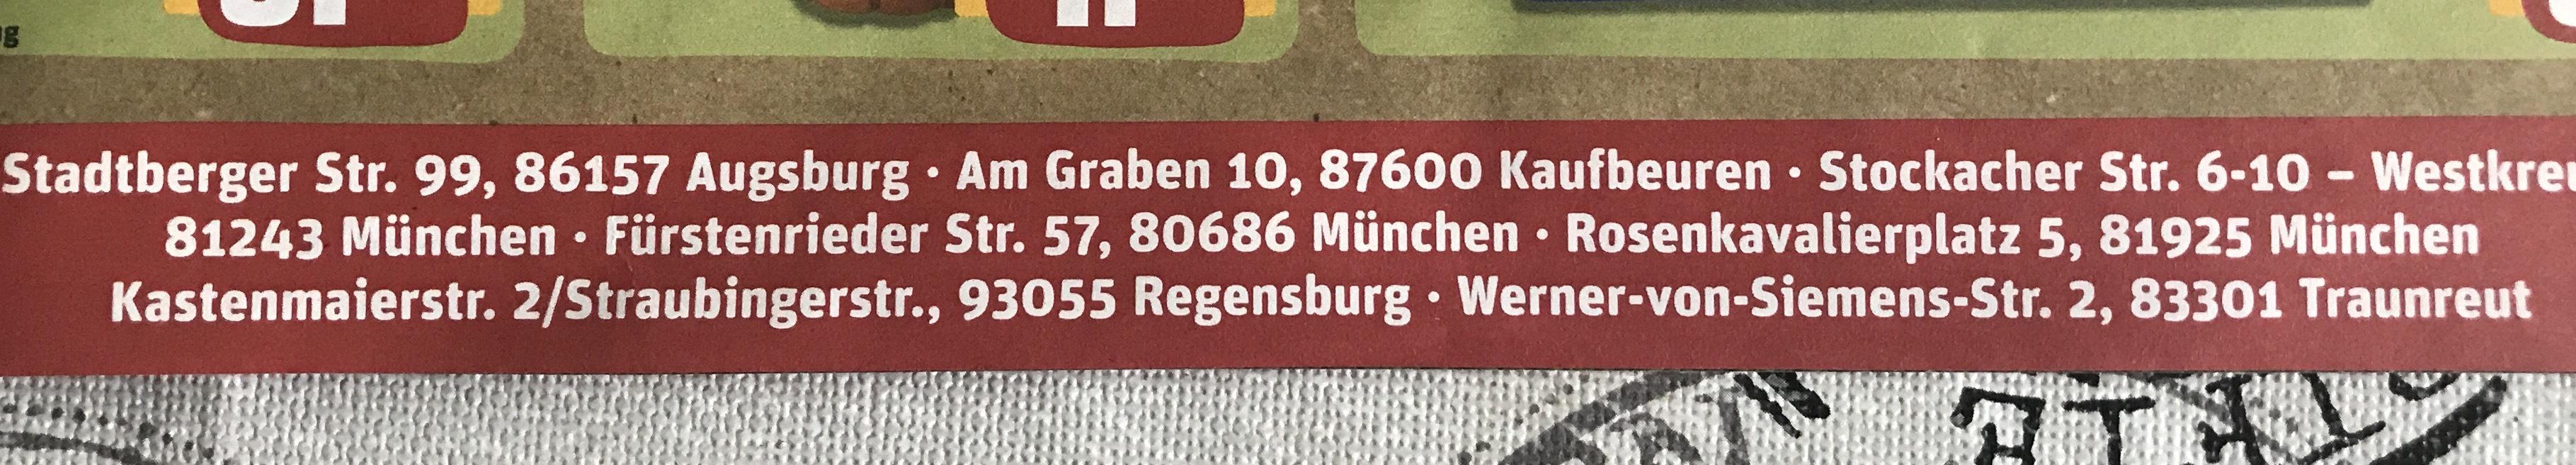 1173094-pomGA.jpg